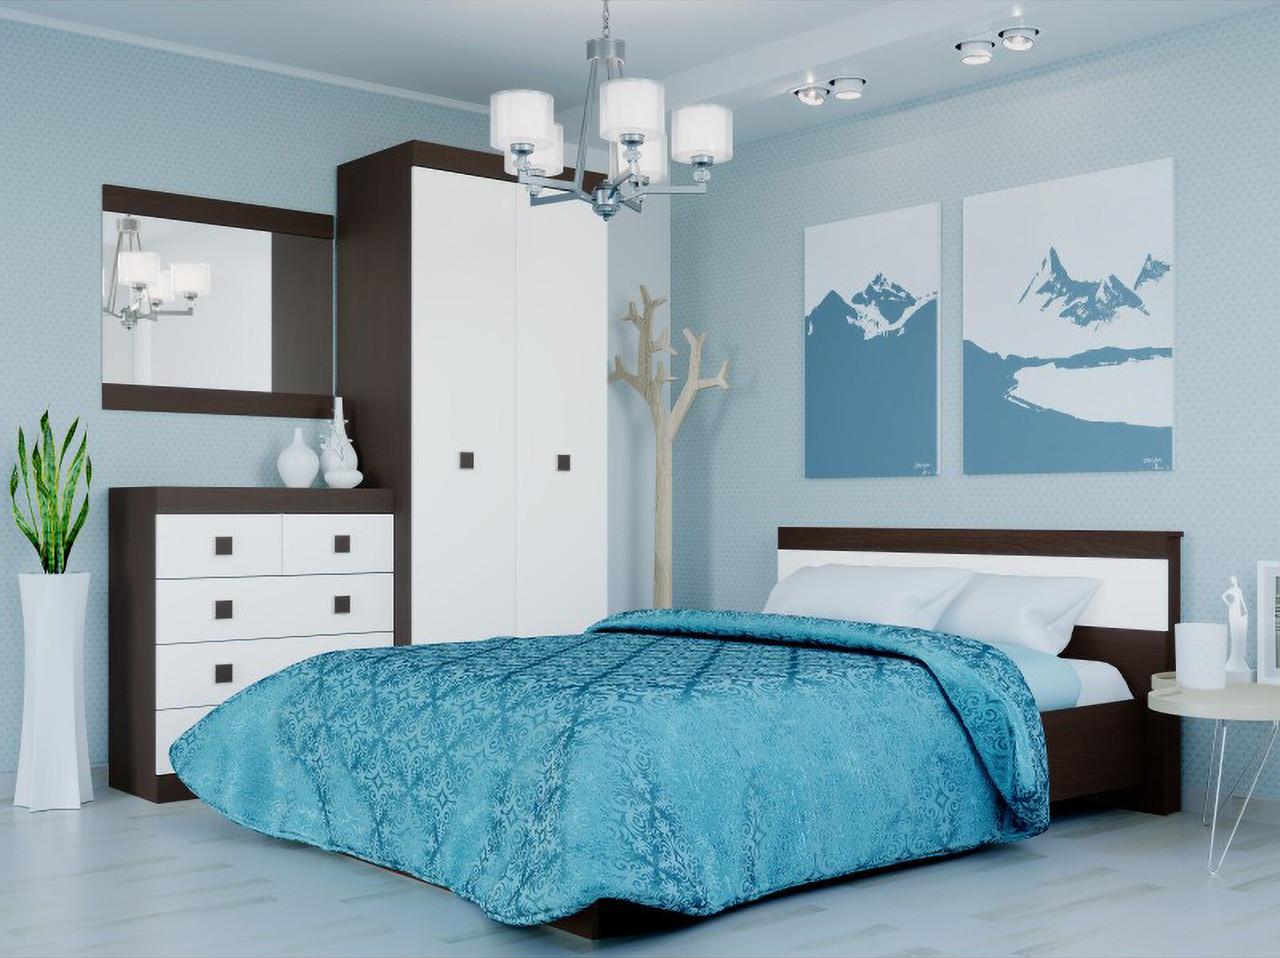 Спальня комплект 2 ЭВЕРЕСТ Венге темный + Белый, фото 1